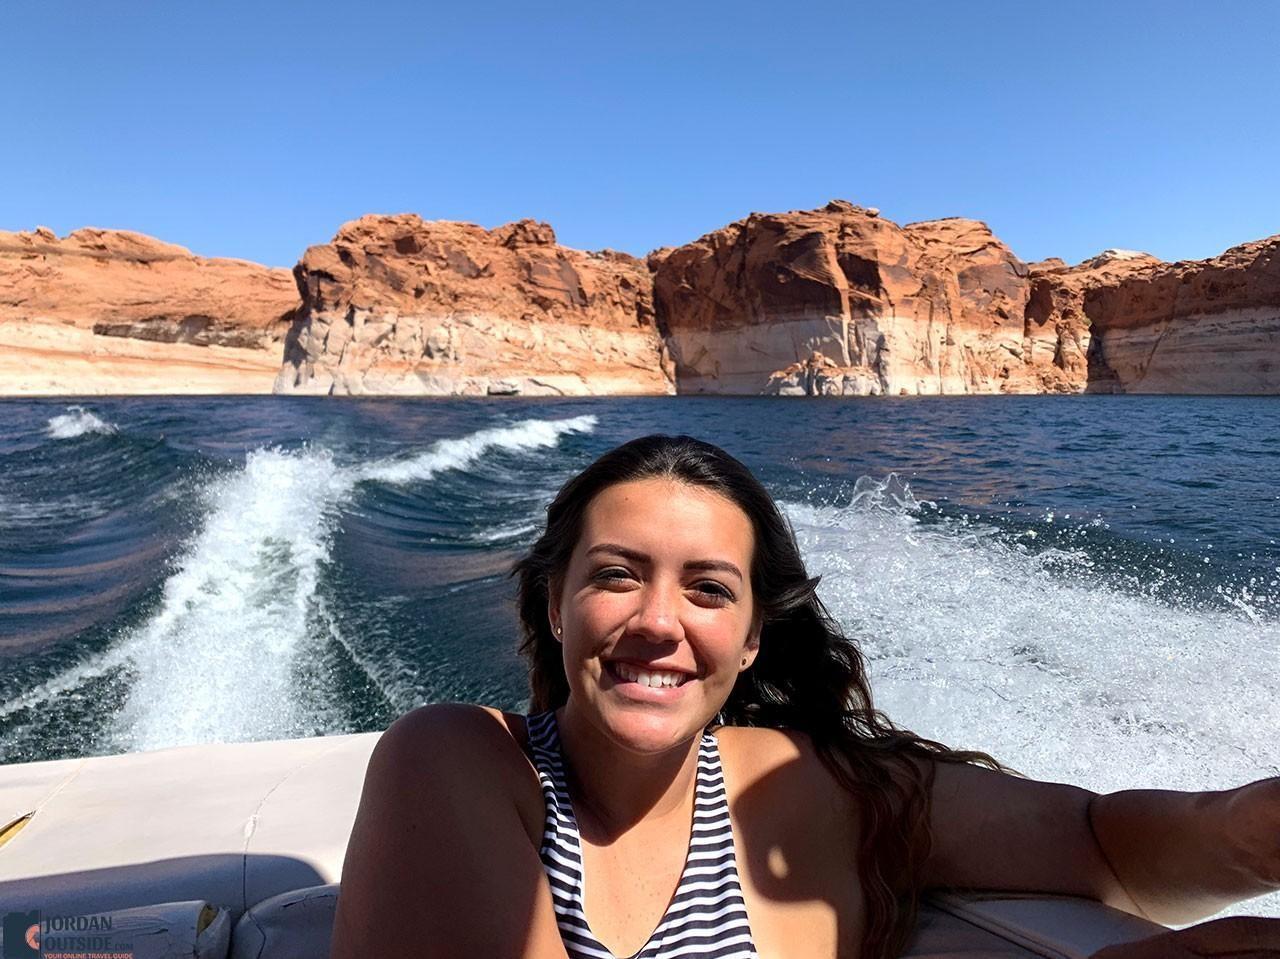 Ember boating at Lake Powell